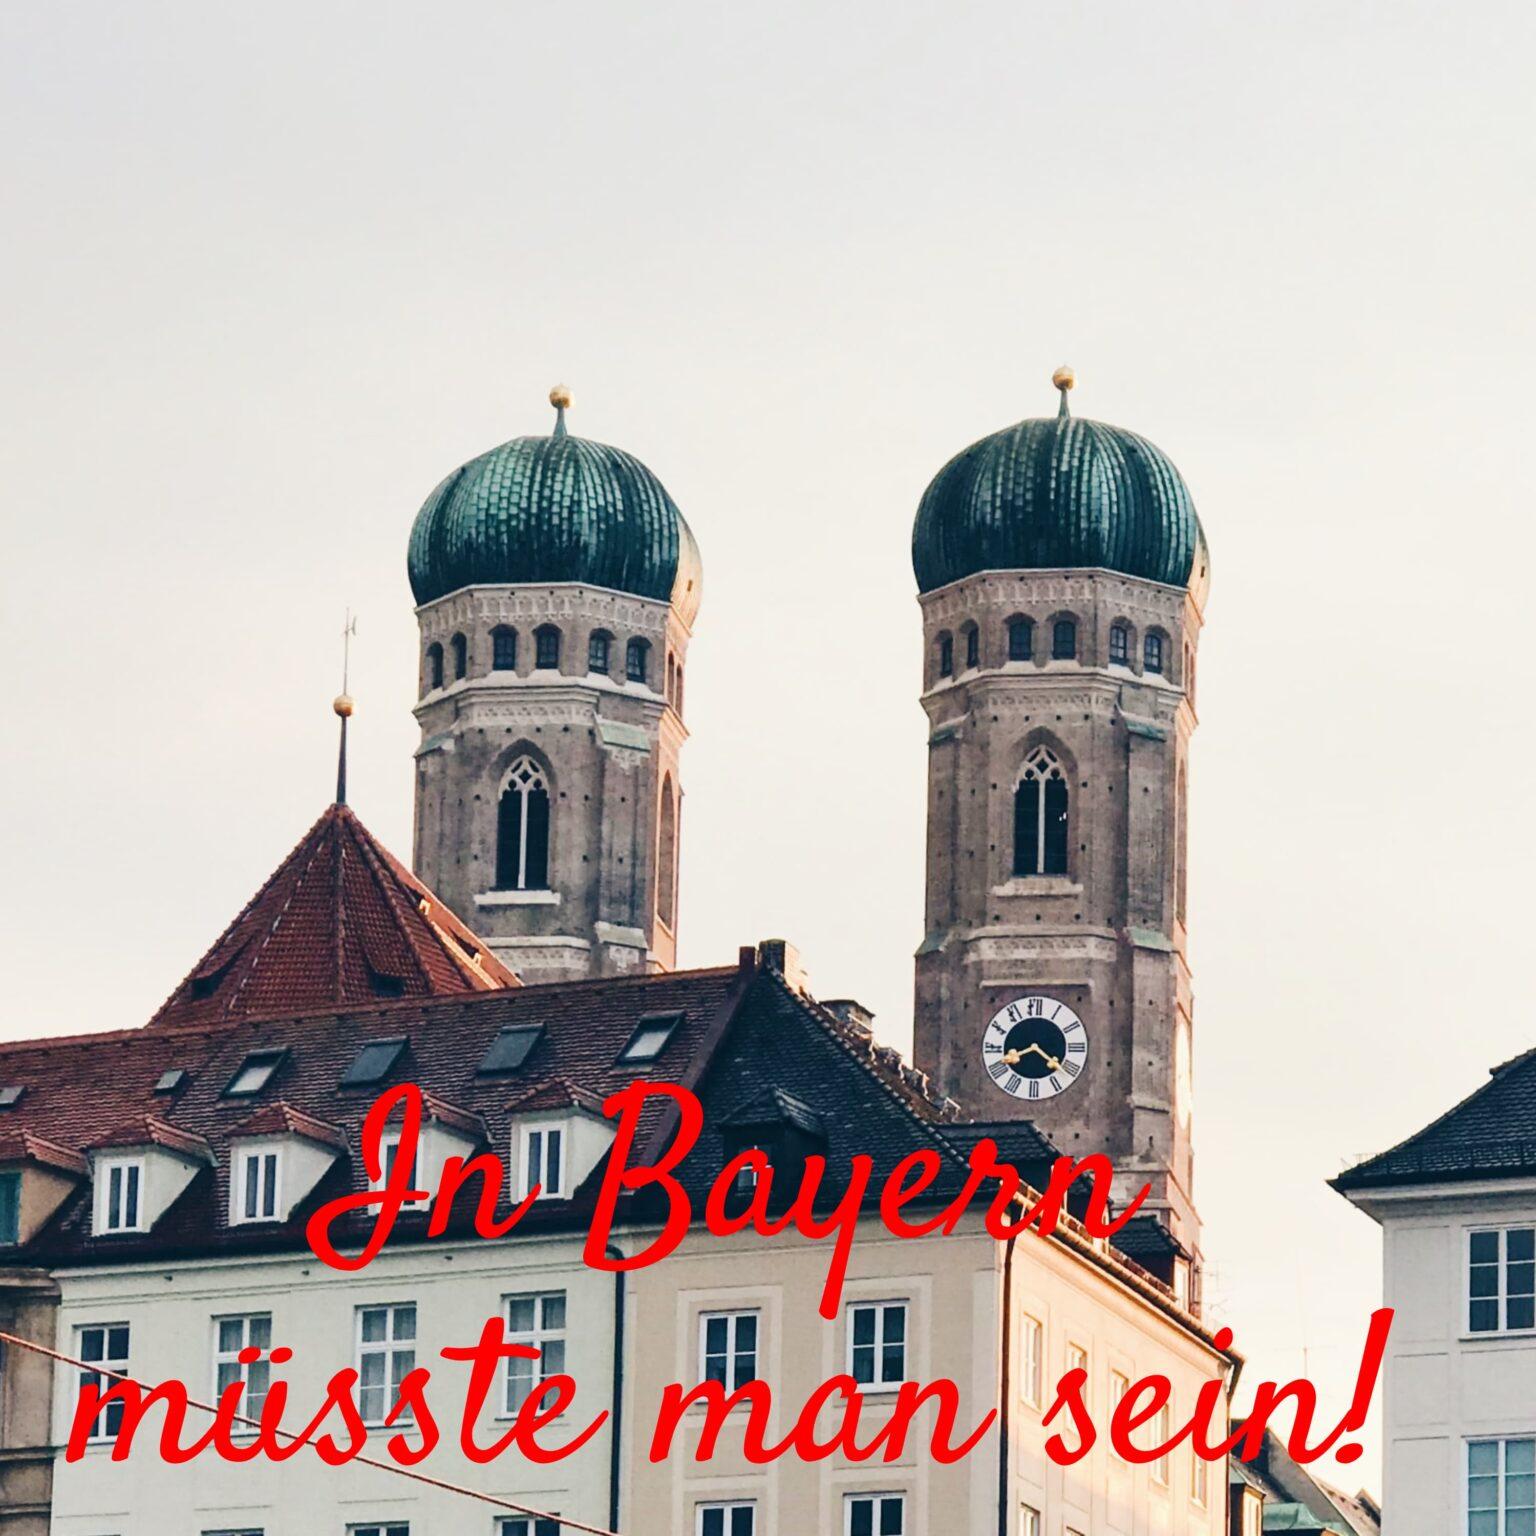 Marienkirche mit zwei Türmen aus München. Dort spielt der Bayrische Barpianist Martin Kainz Musik der Wiener Barpianisten.